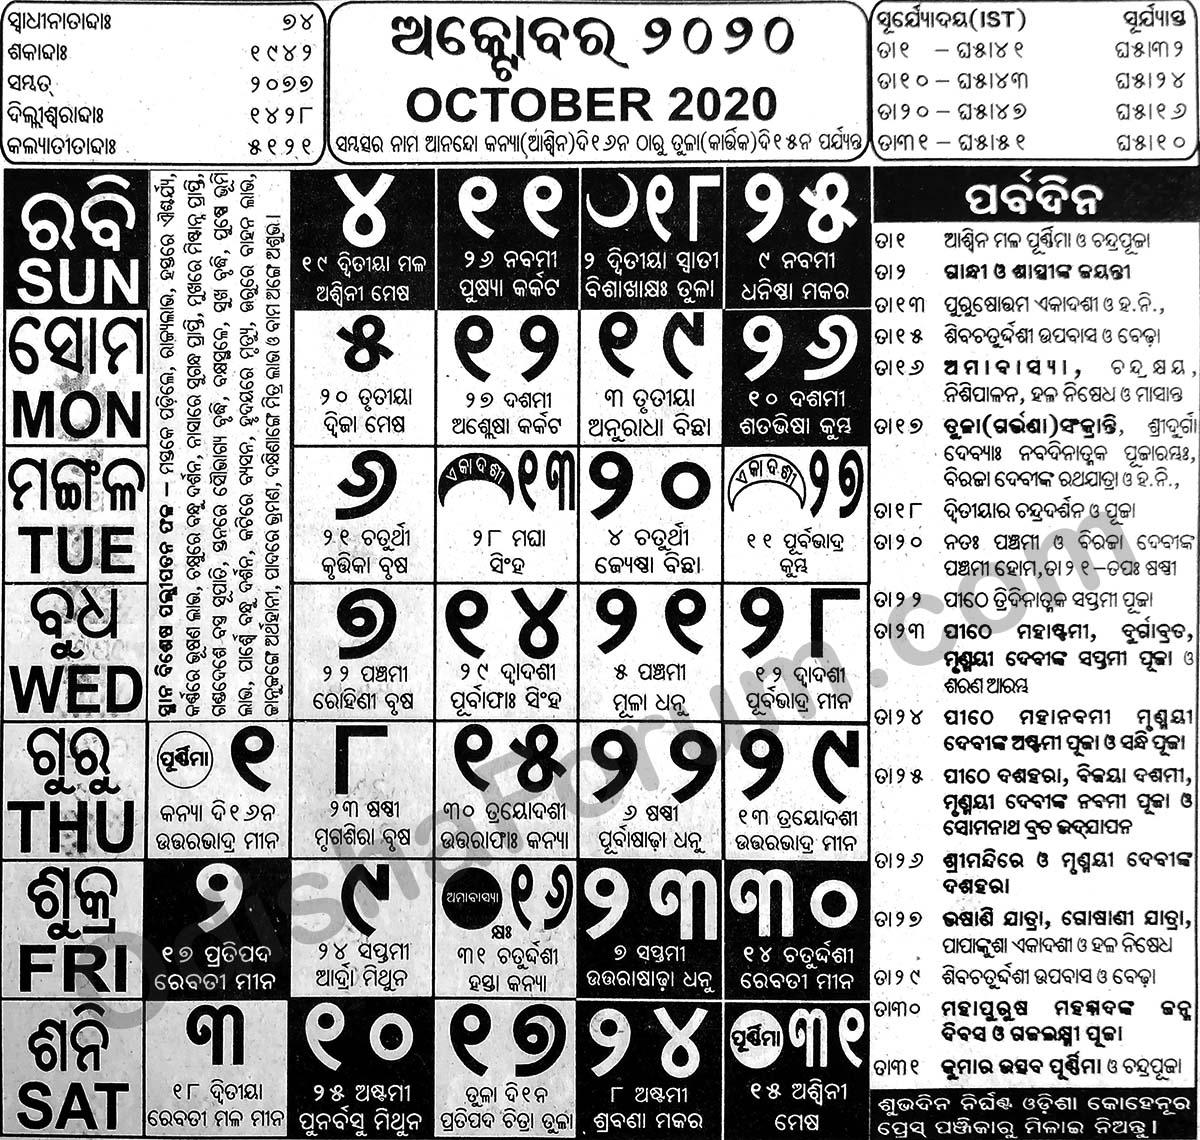 2020 October Oriya Calendar